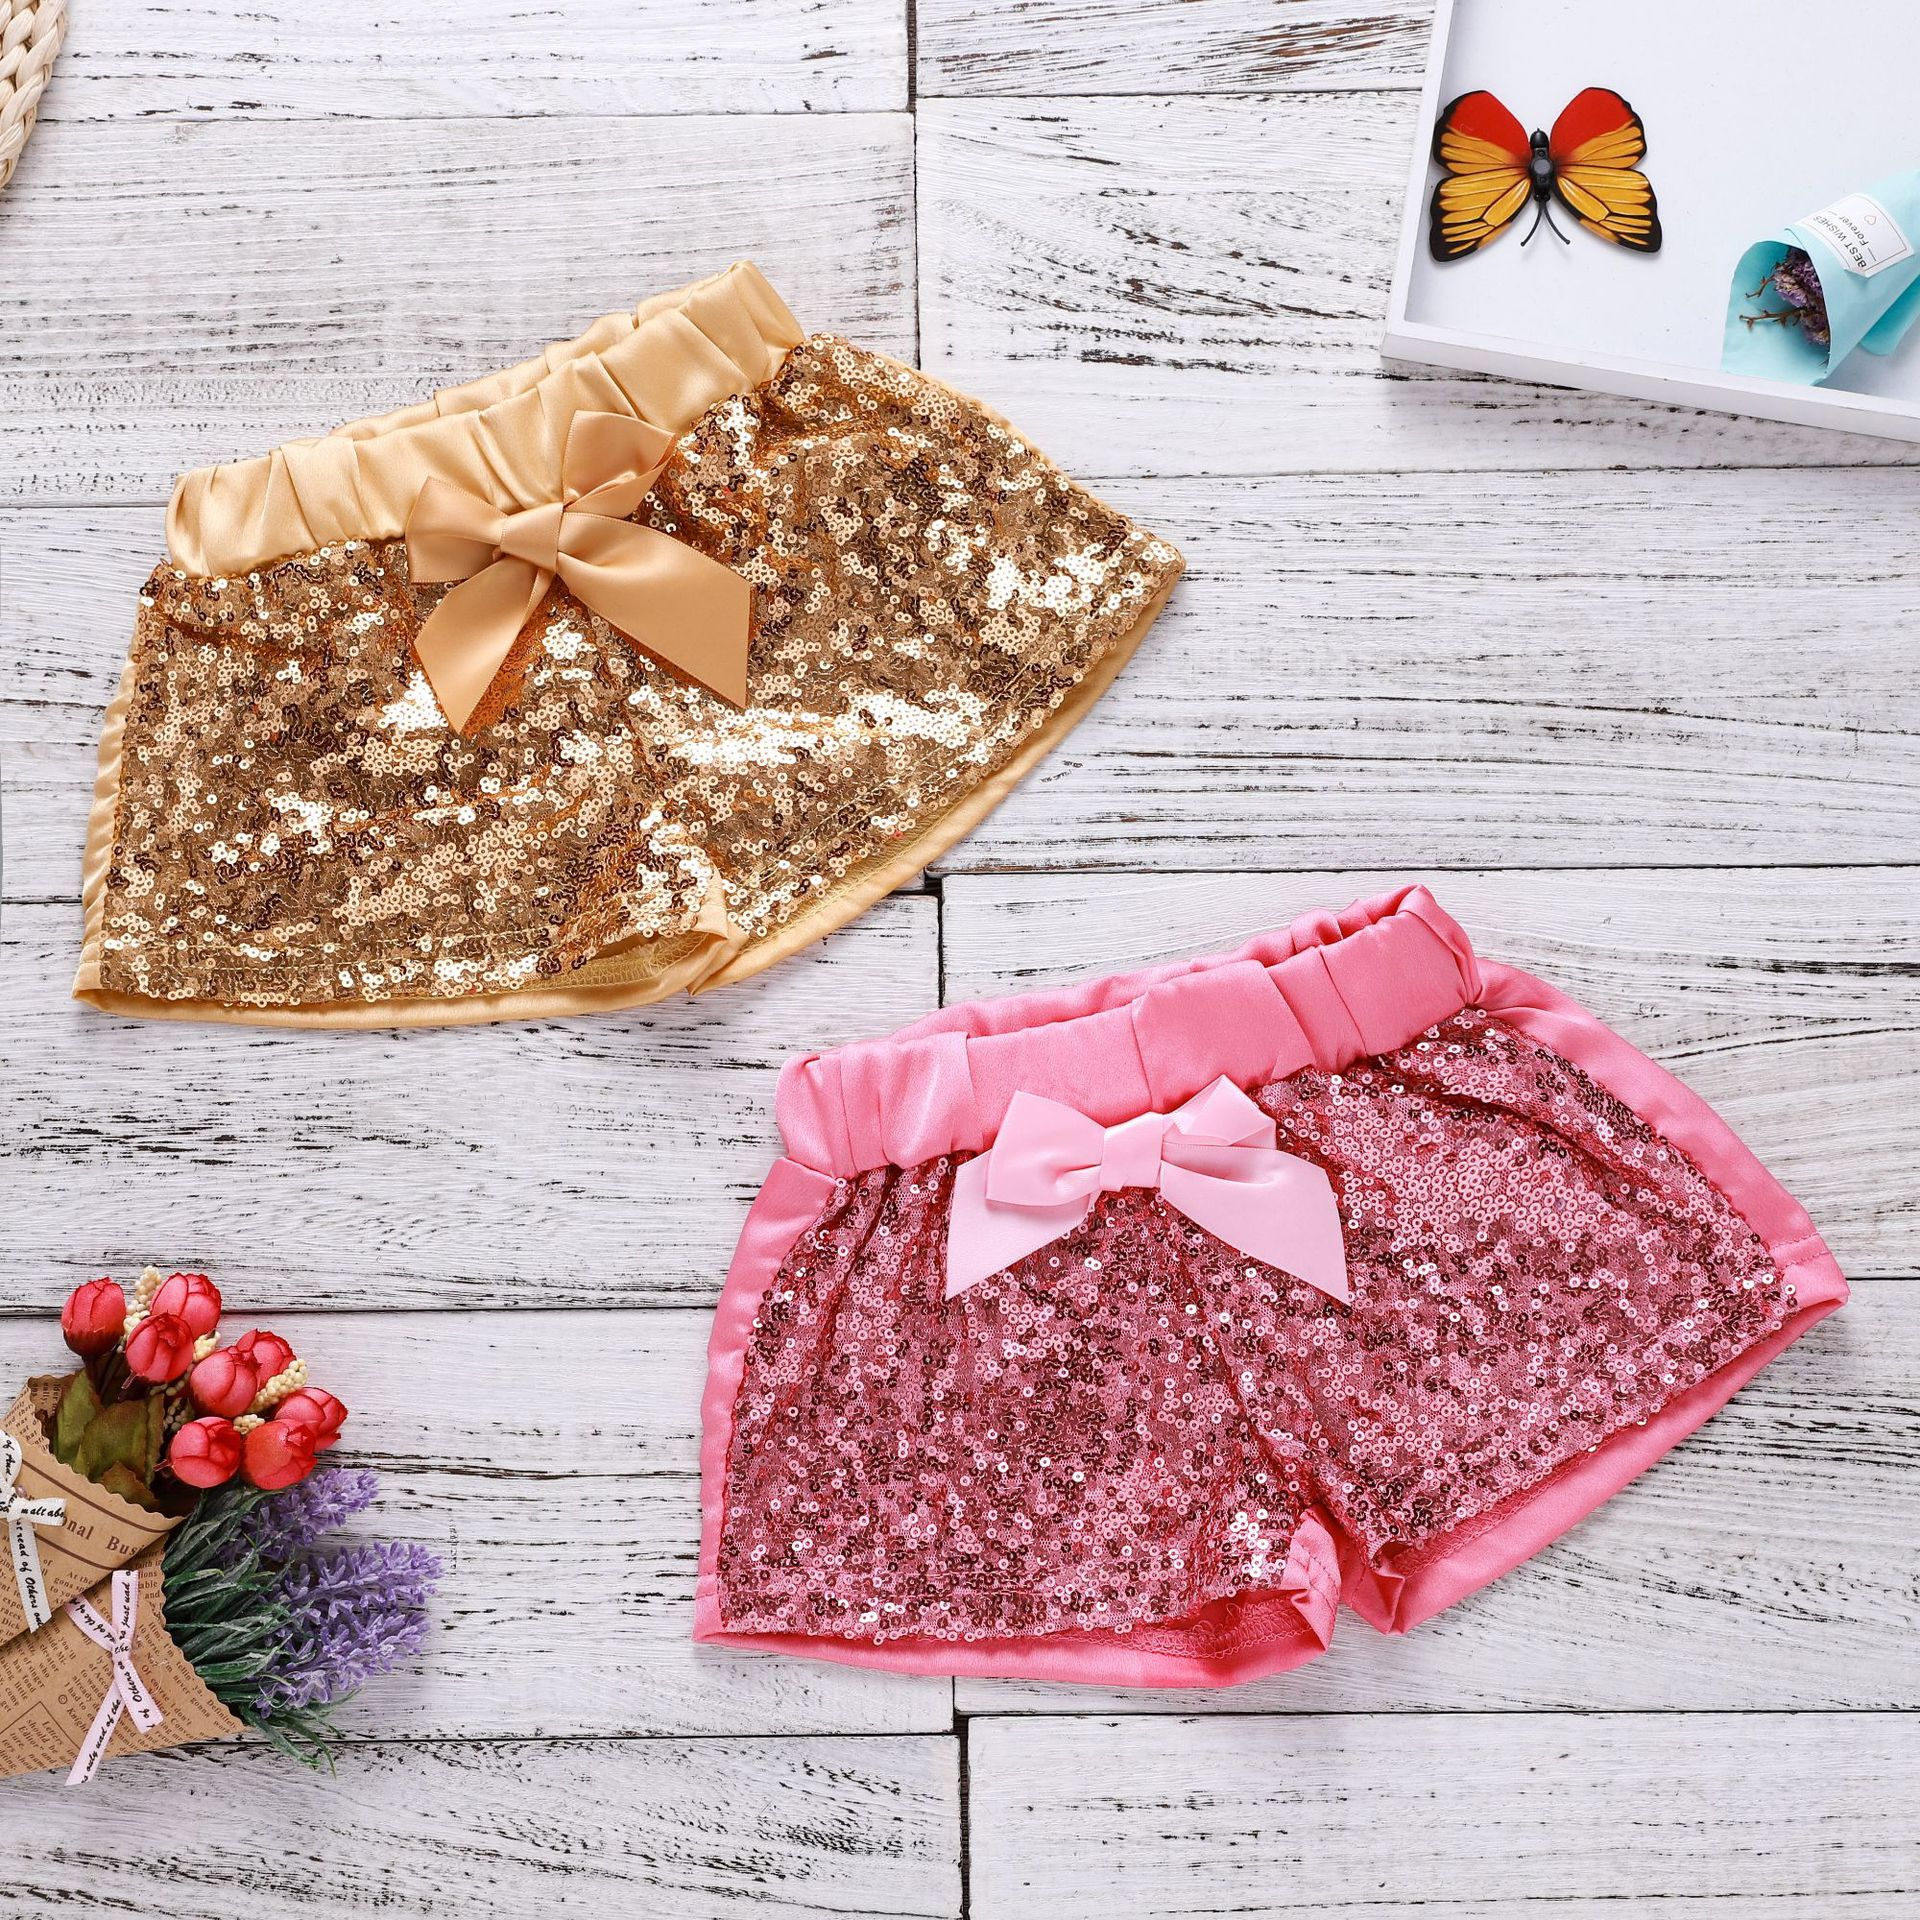 2019 Di Modo Oro Rosa Bling Bambino Delle Ragazze Shorts Cute Baby Per Bambini Abbigliamento Per Bambini Shorts 90-100-110- 120 Facile Da Riparare